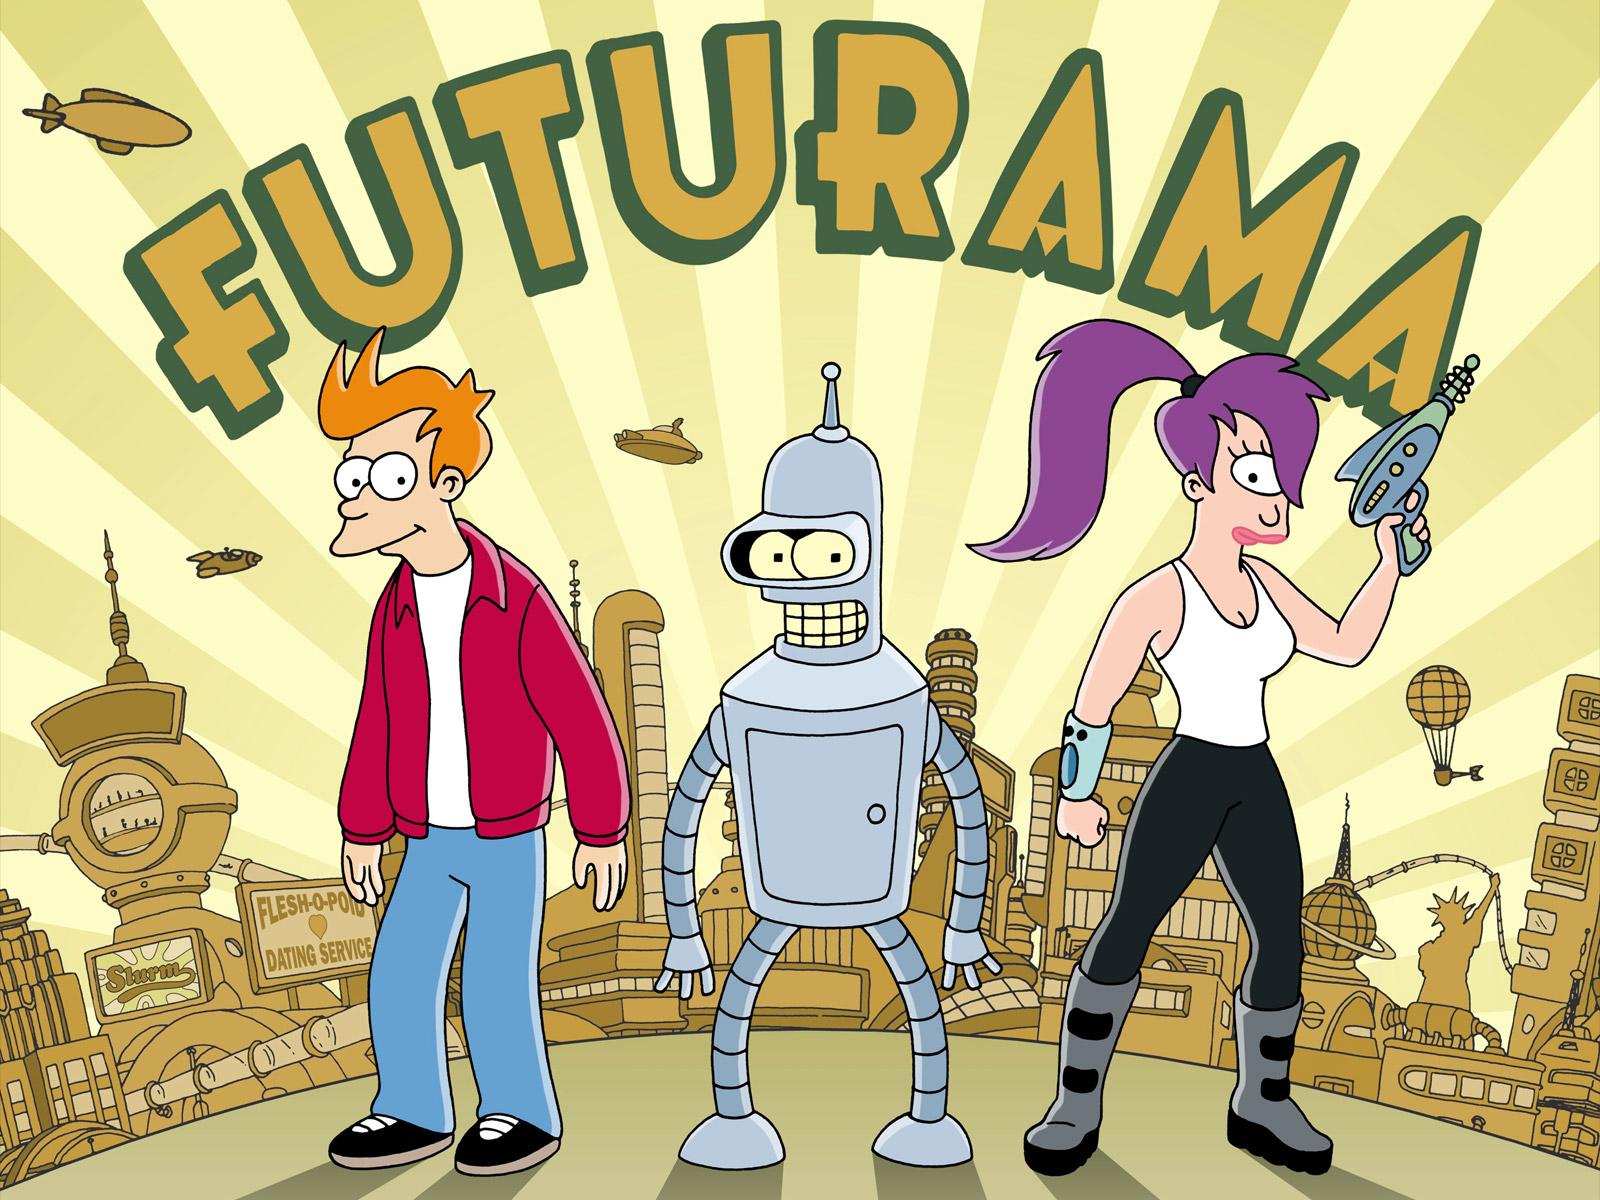 Futurama serie español latino todas las temporadas